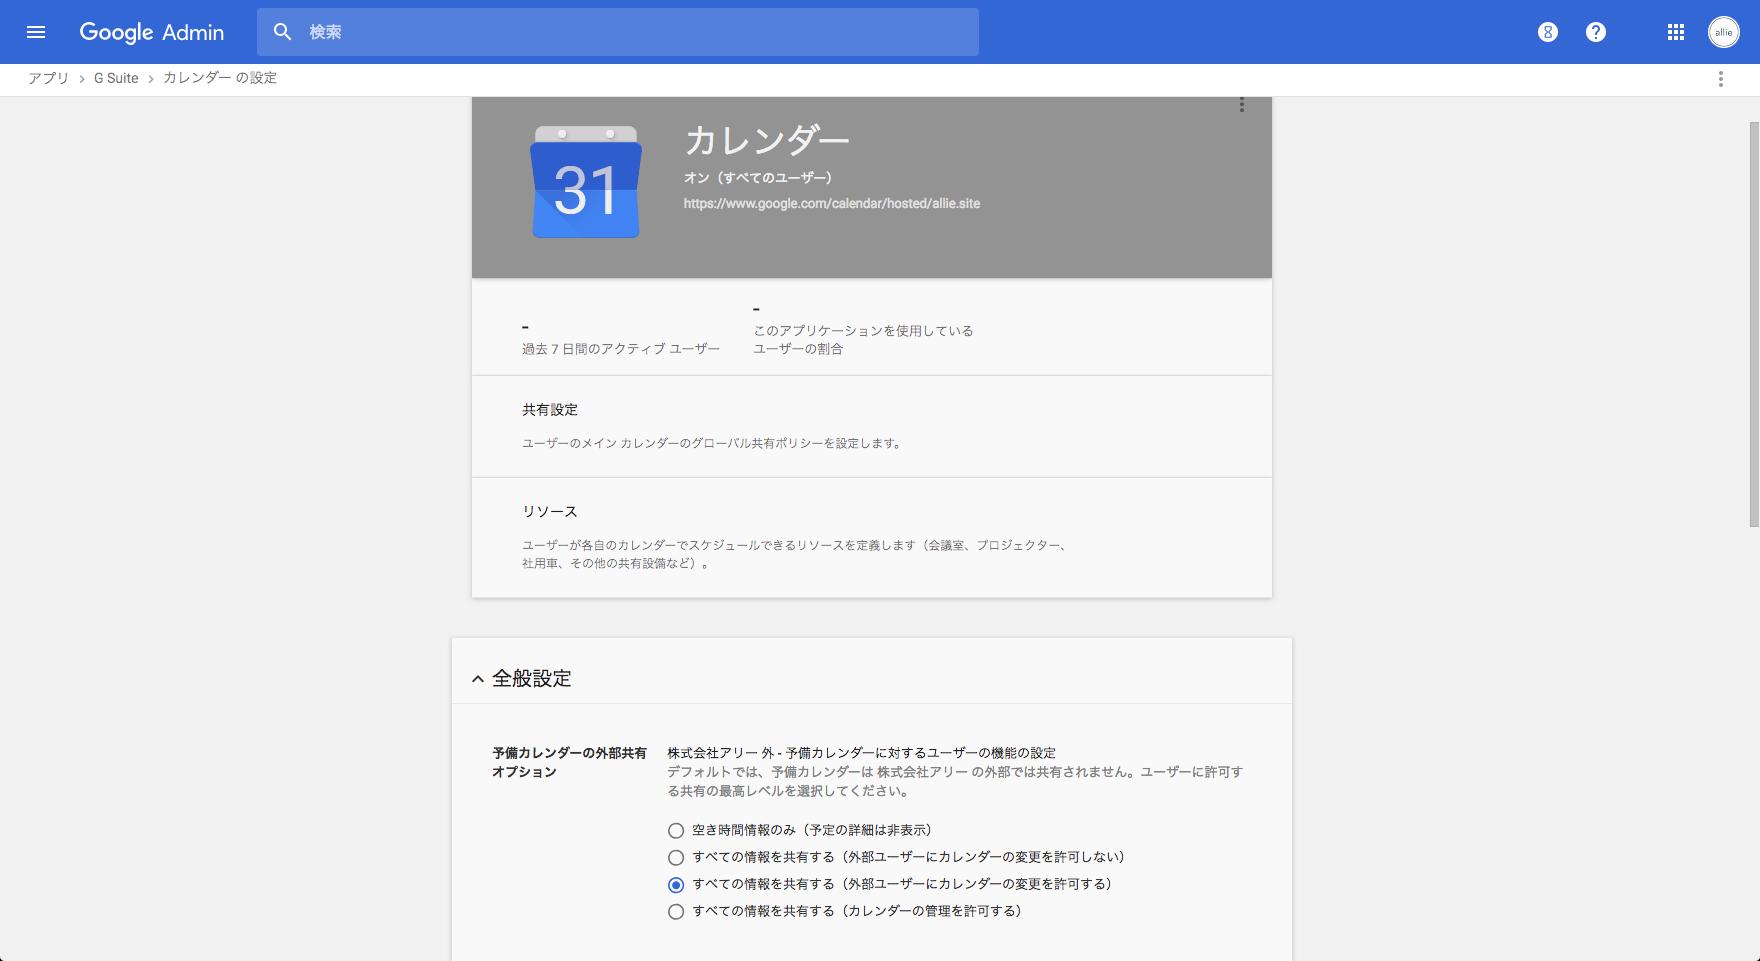 G Suite カレンダー共有設定画面